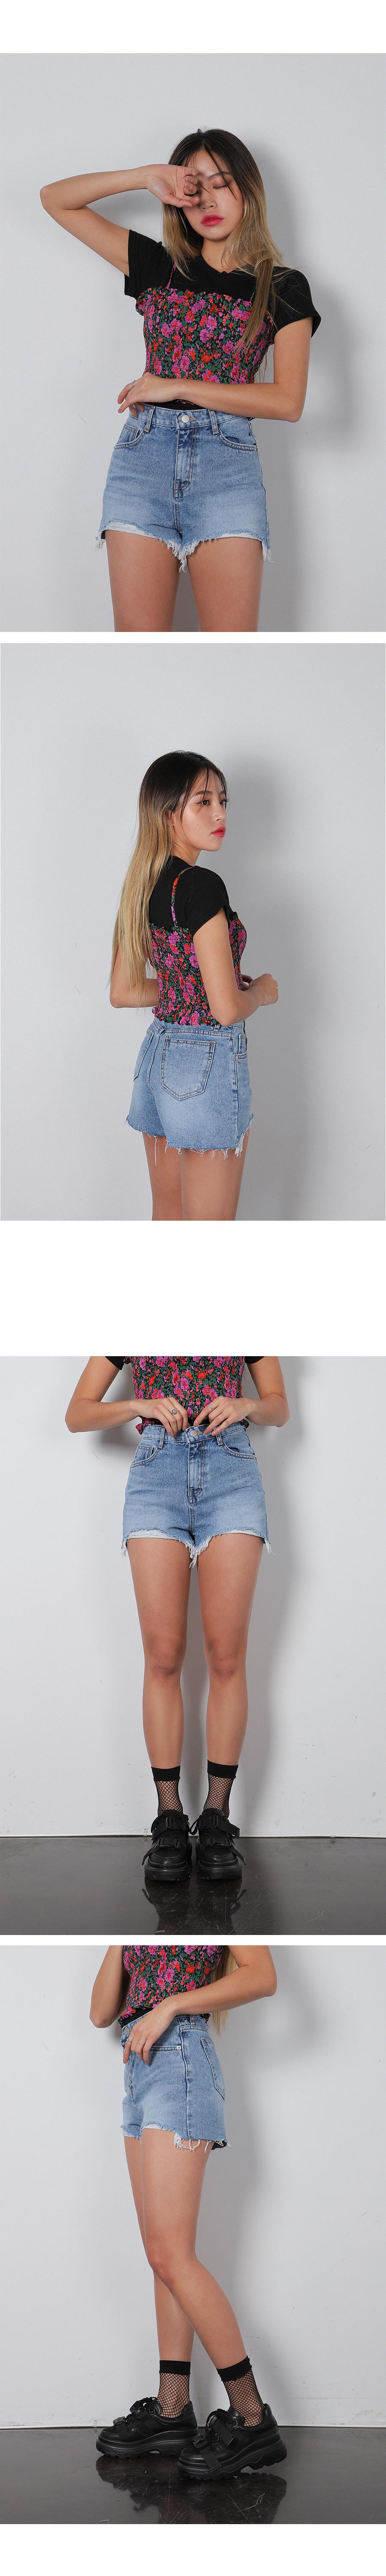 로버 데님 숏 팬츠 (2color) - 써리미, 25,000원, 하의, 숏팬츠